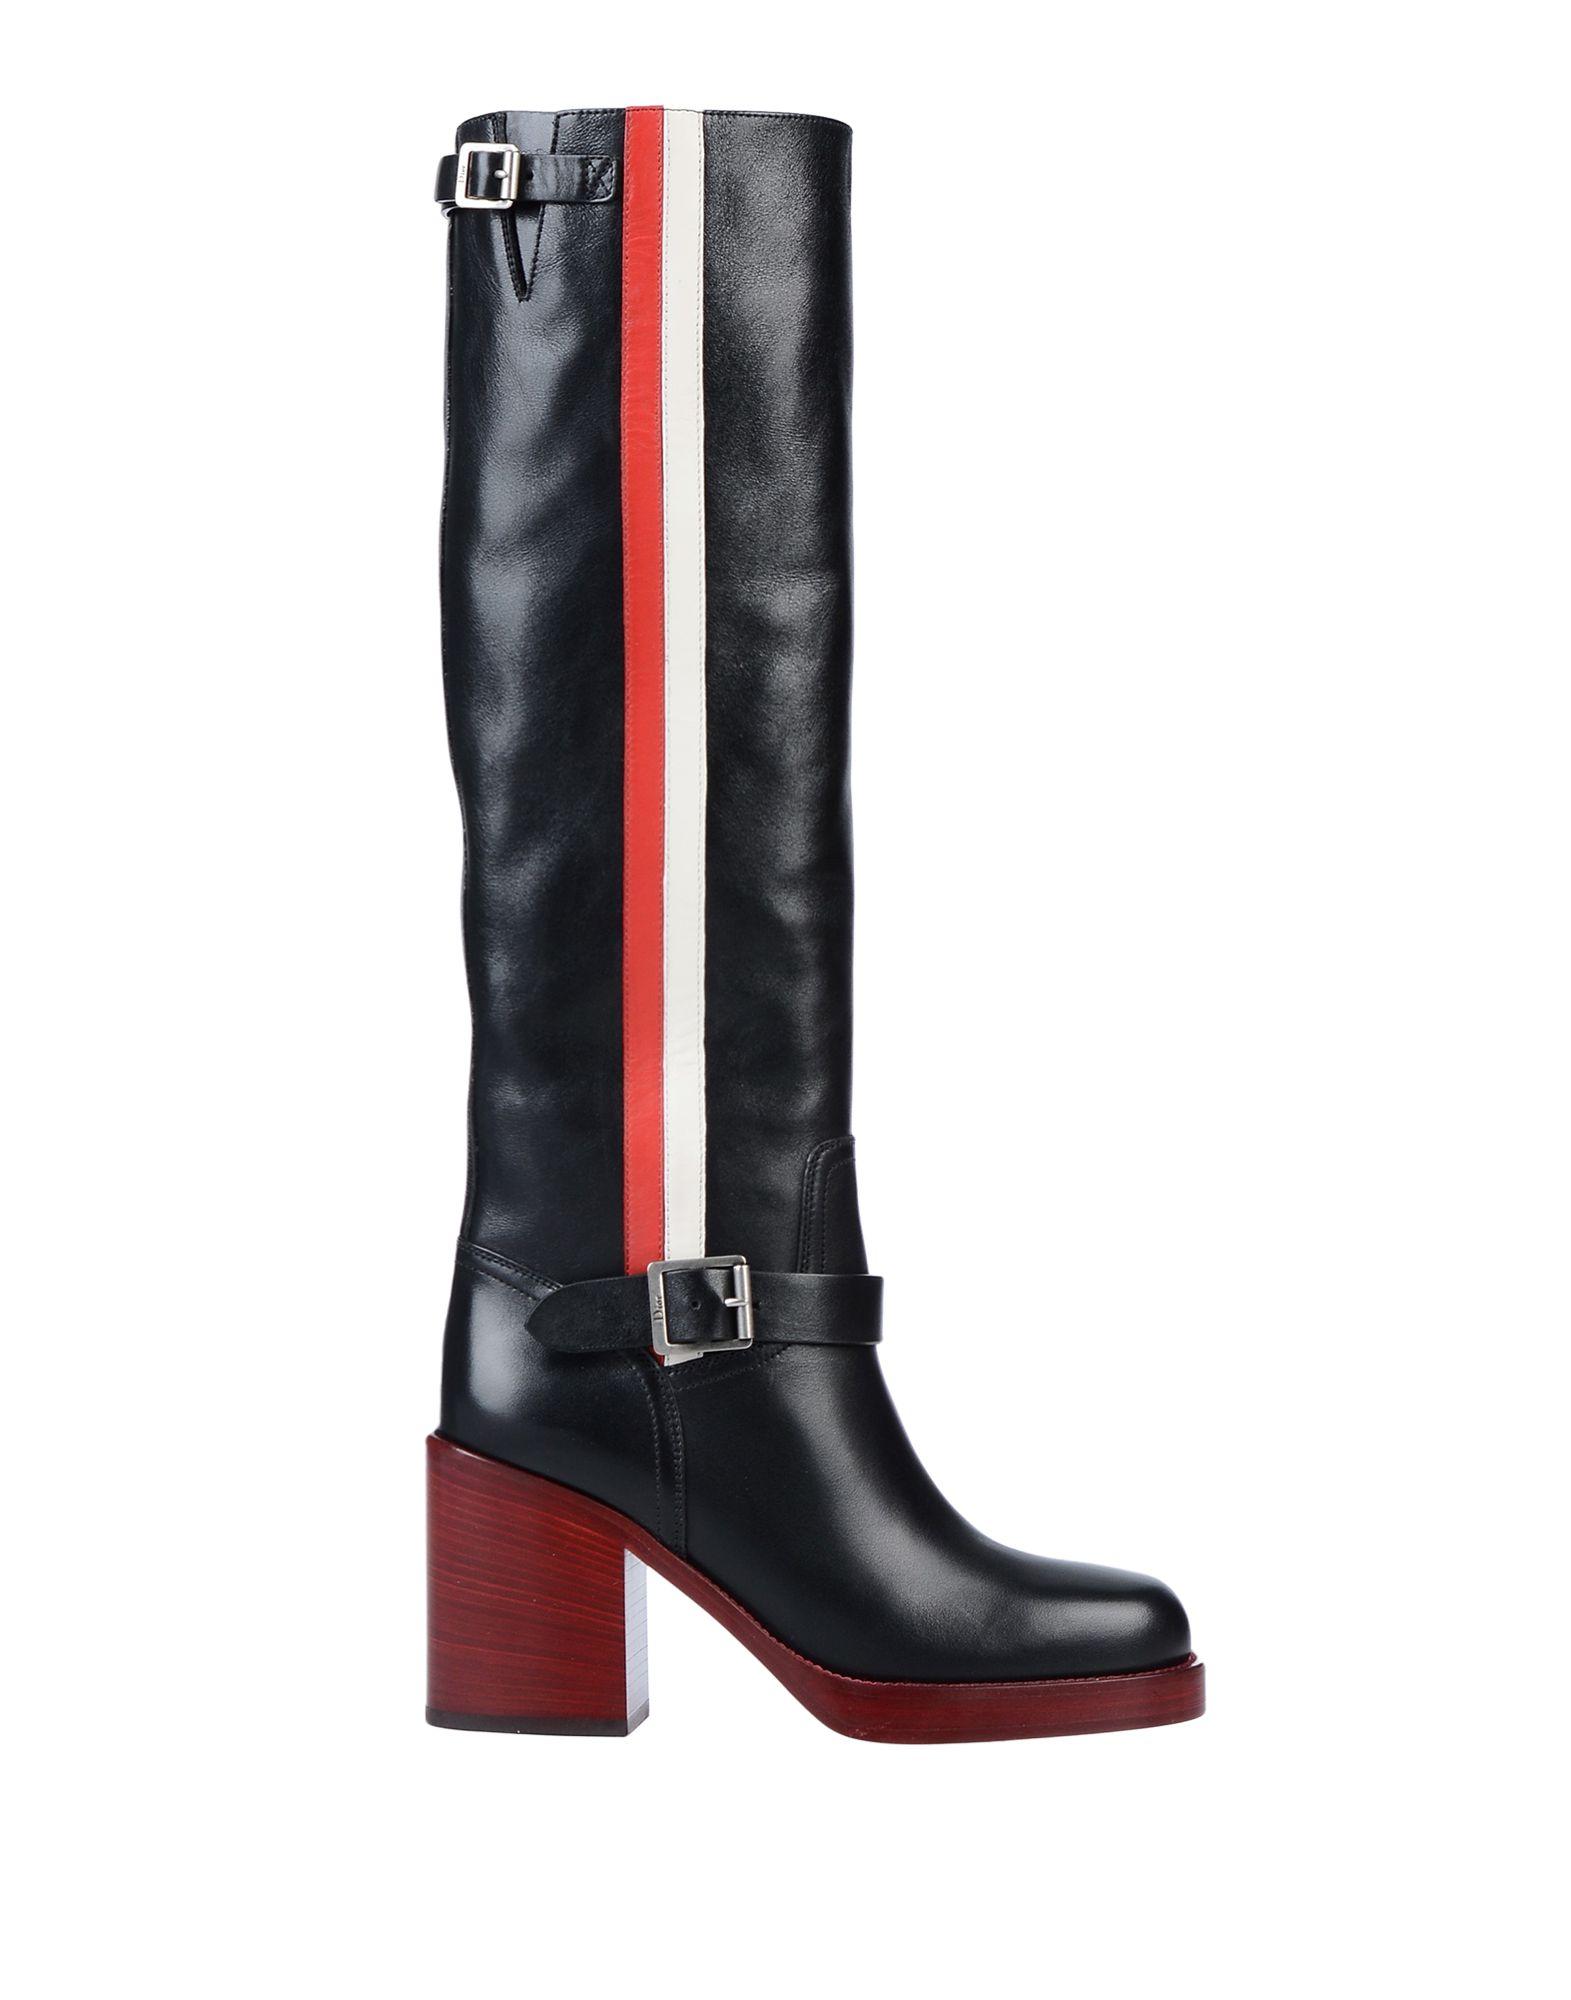 enorme sconto 5f80f a5366 Stivali Dior Donna - Acquista online su YOOX - 11666426UF